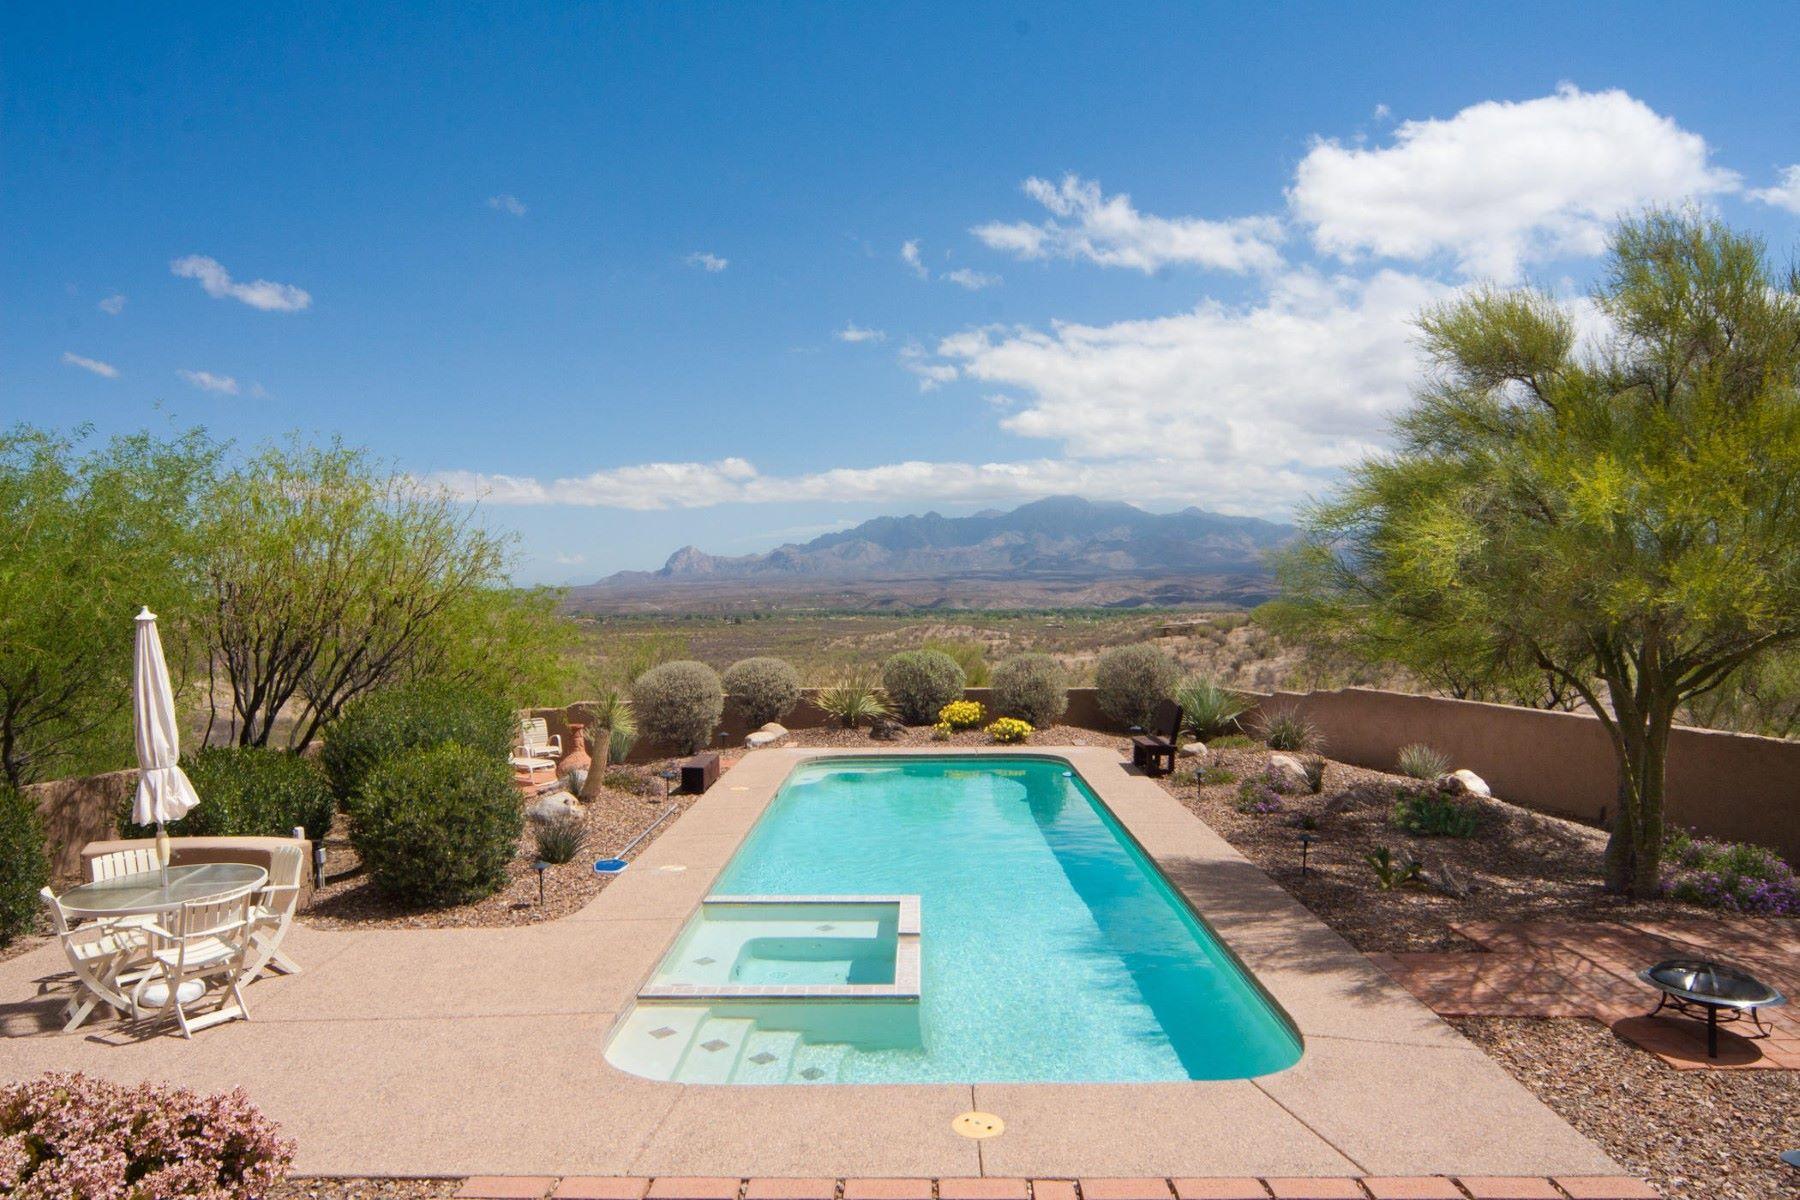 단독 가정 주택 용 매매 에 Beautiful custom-built home with incredible views 13 Western Saddle Ct Tubac, 아리조나, 85646 미국